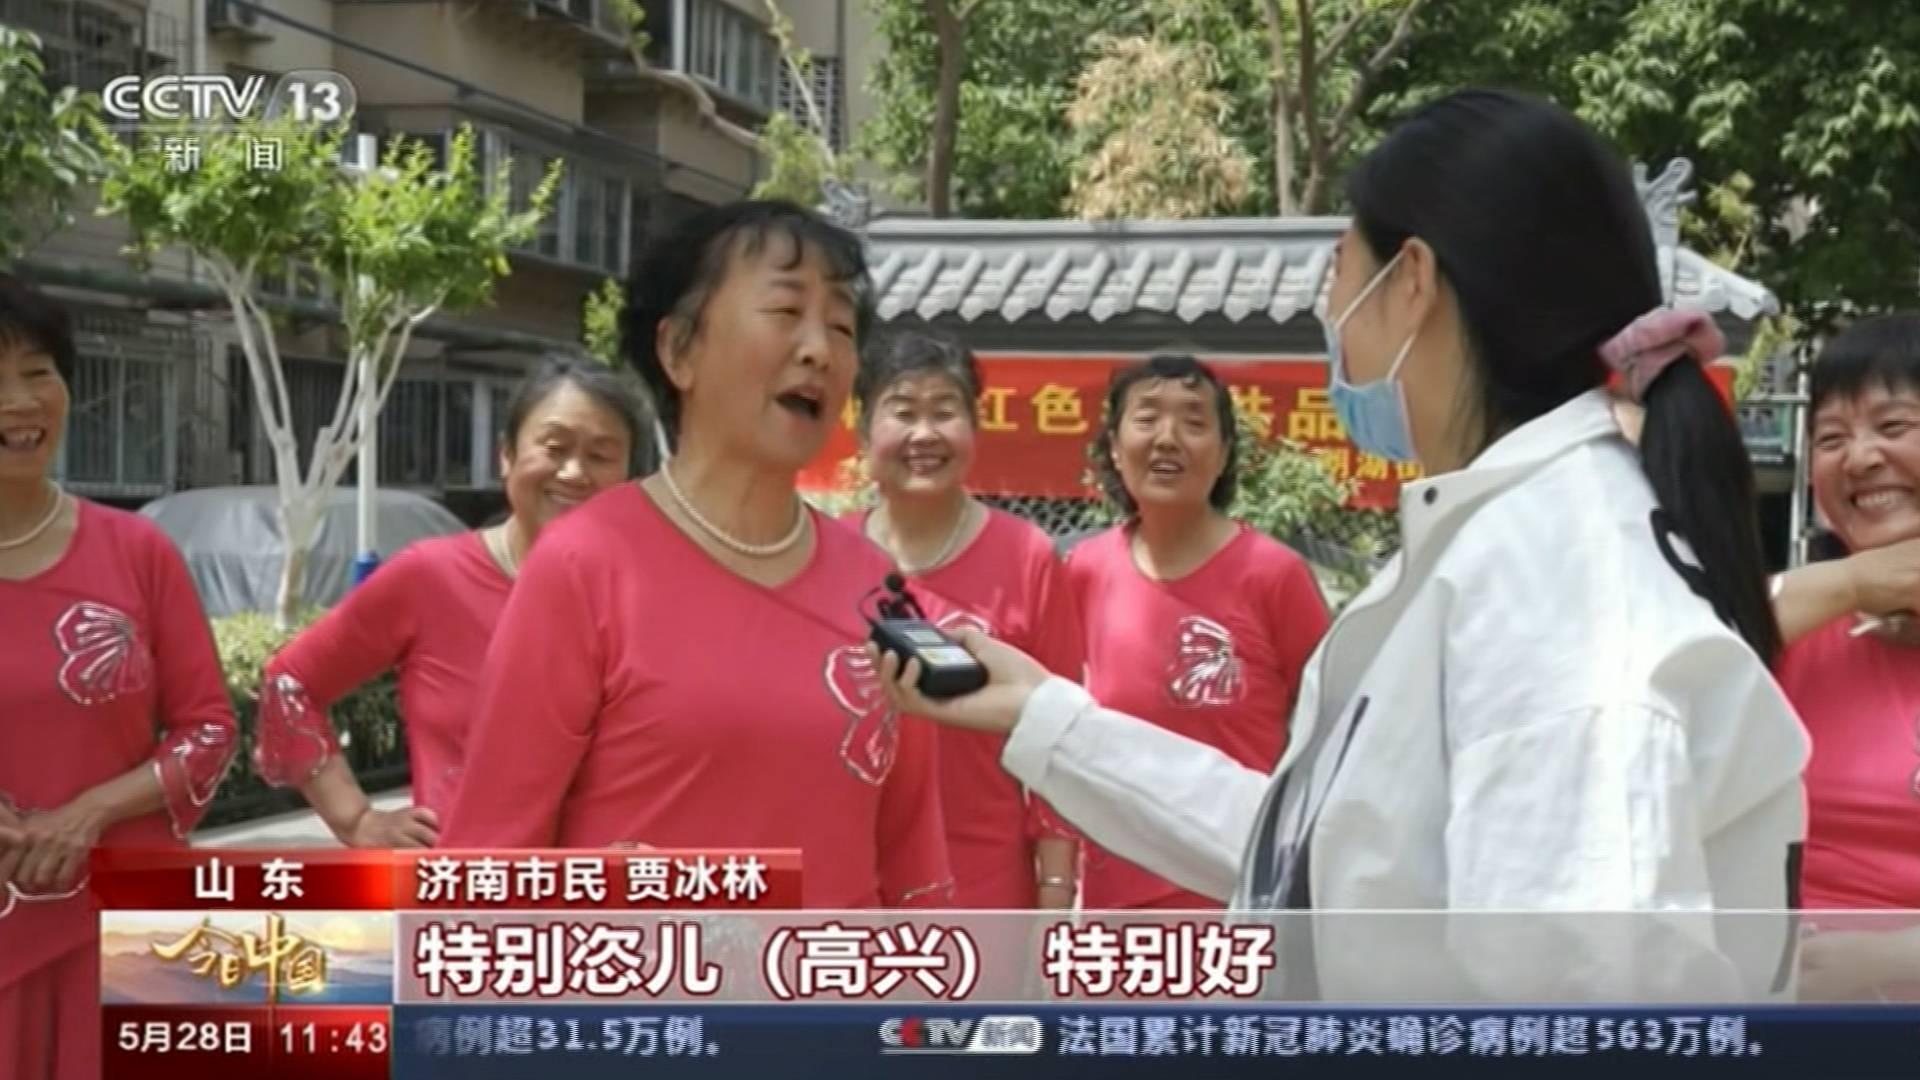 """今日中国·山东篇丨""""特别恣儿,特别好!"""" 今天你开心吗?听听身边的他们怎么说…"""